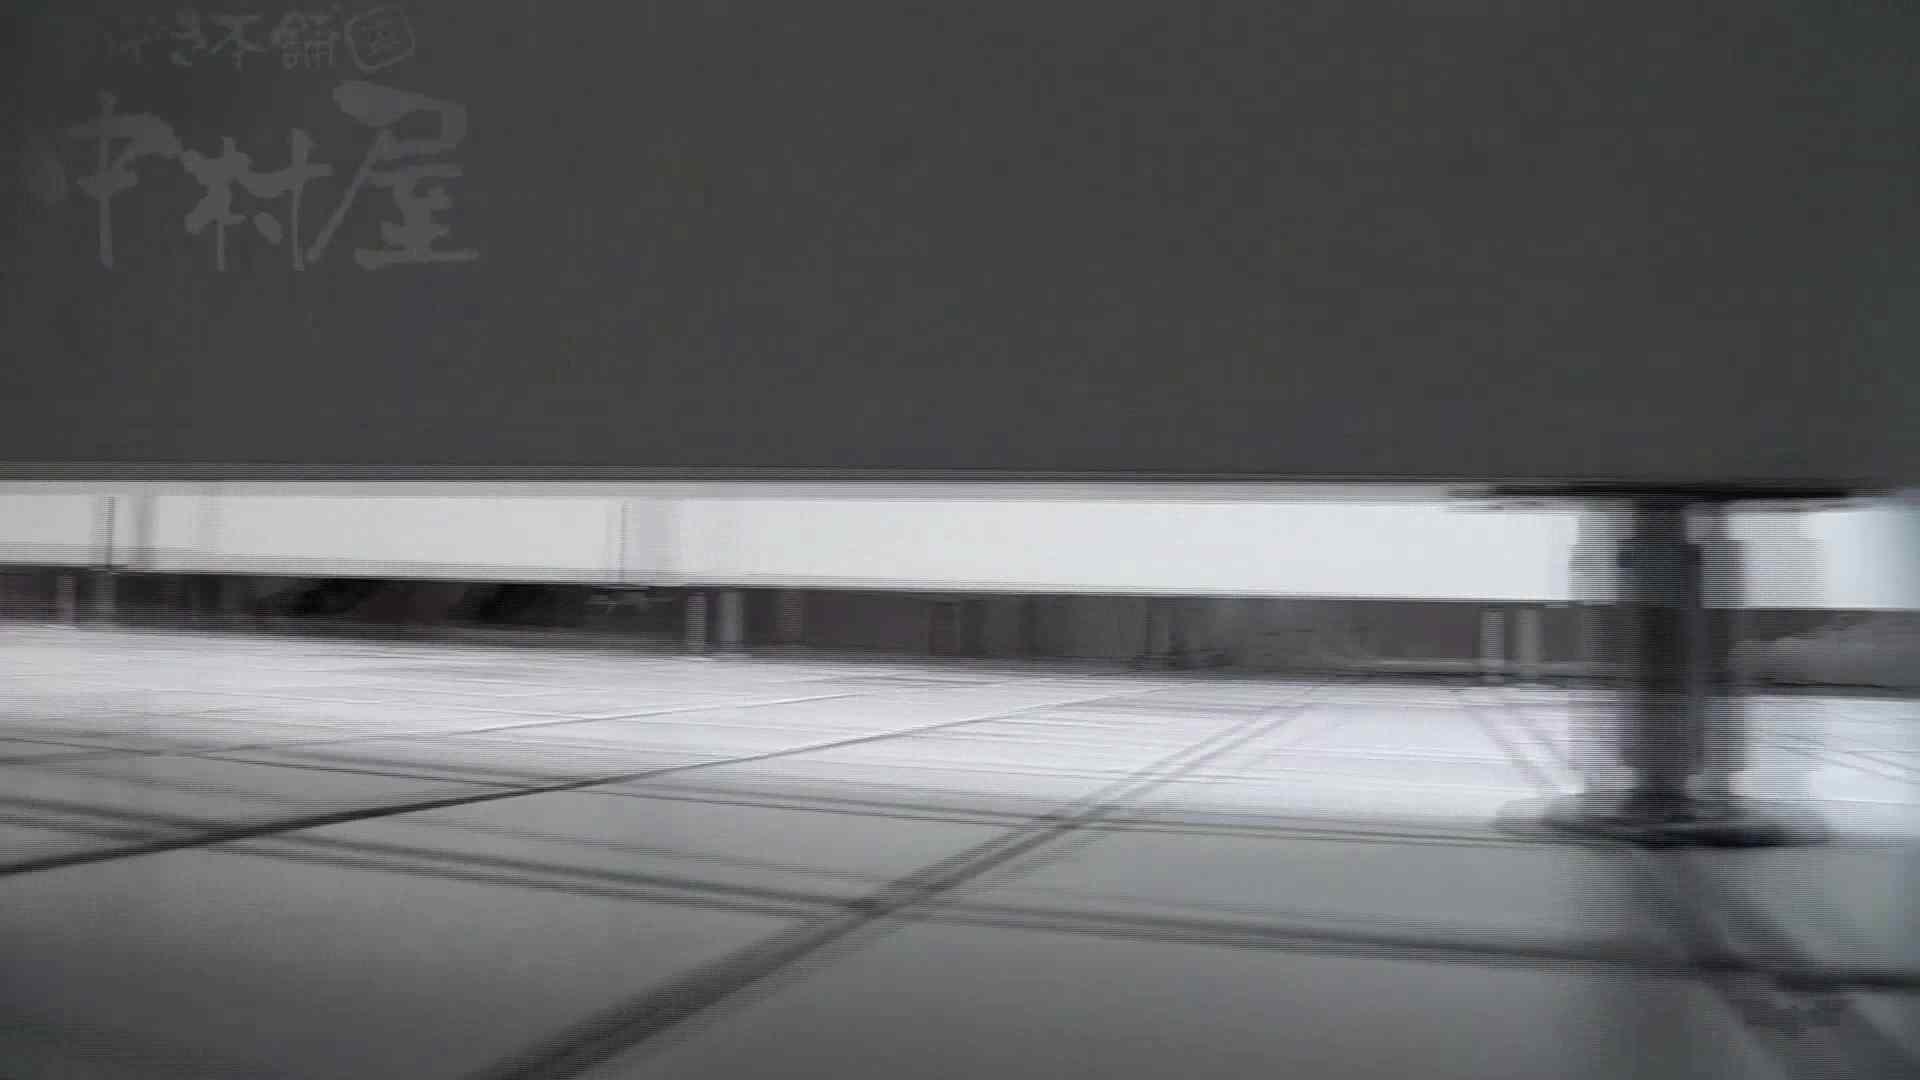 美しい日本の未来 No.16 あぁ懐かしき青春の日々・・・。 マンコ・ムレムレ AV無料動画キャプチャ 77pic 3